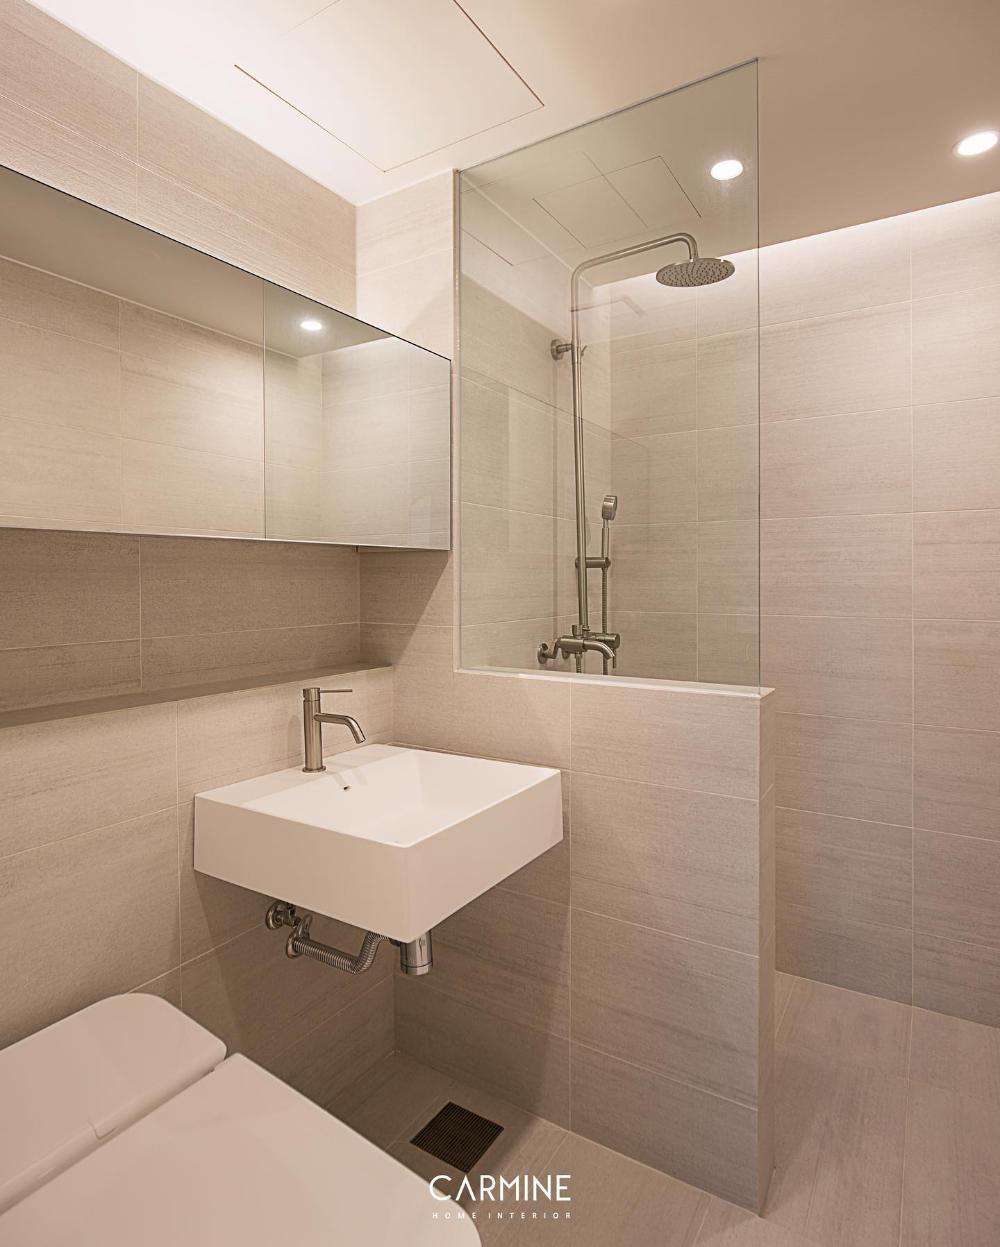 도화 마포주상복합 - 독립적인 샤워 공간을 위해 하프 가벽을 세운 후 투명 파티션을 시공하여 개방감을 더해주었고, 밝은 톤의 베이스로 모던한 느낌을 연출했습니다 :-) . . #Bathroom #Bathroomdesign #interior #homeinterior #homedesign...   SnapWidget